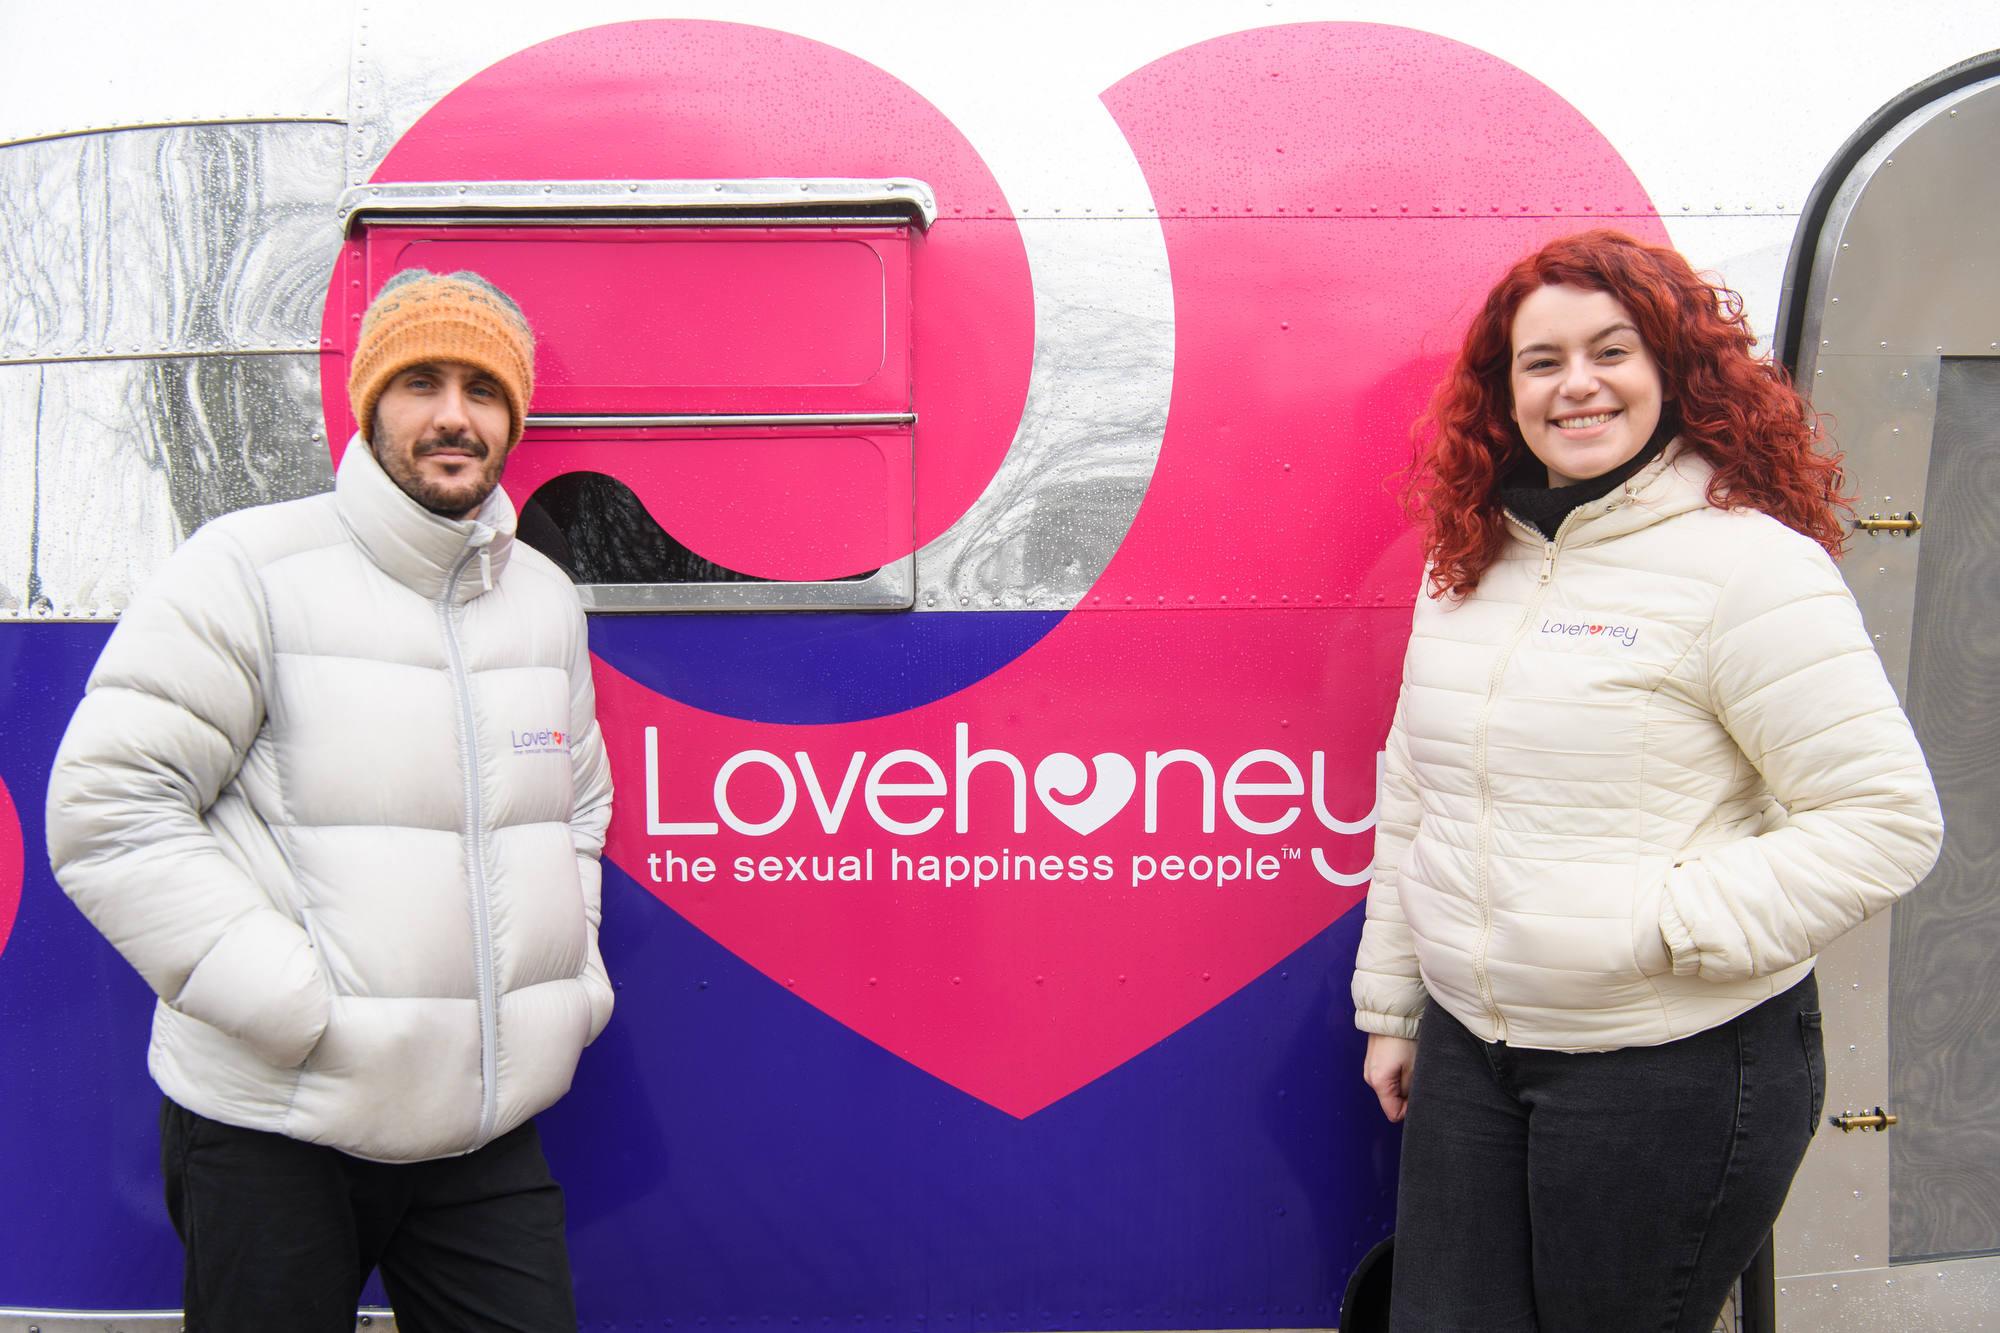 Alternatives To Lovehoney